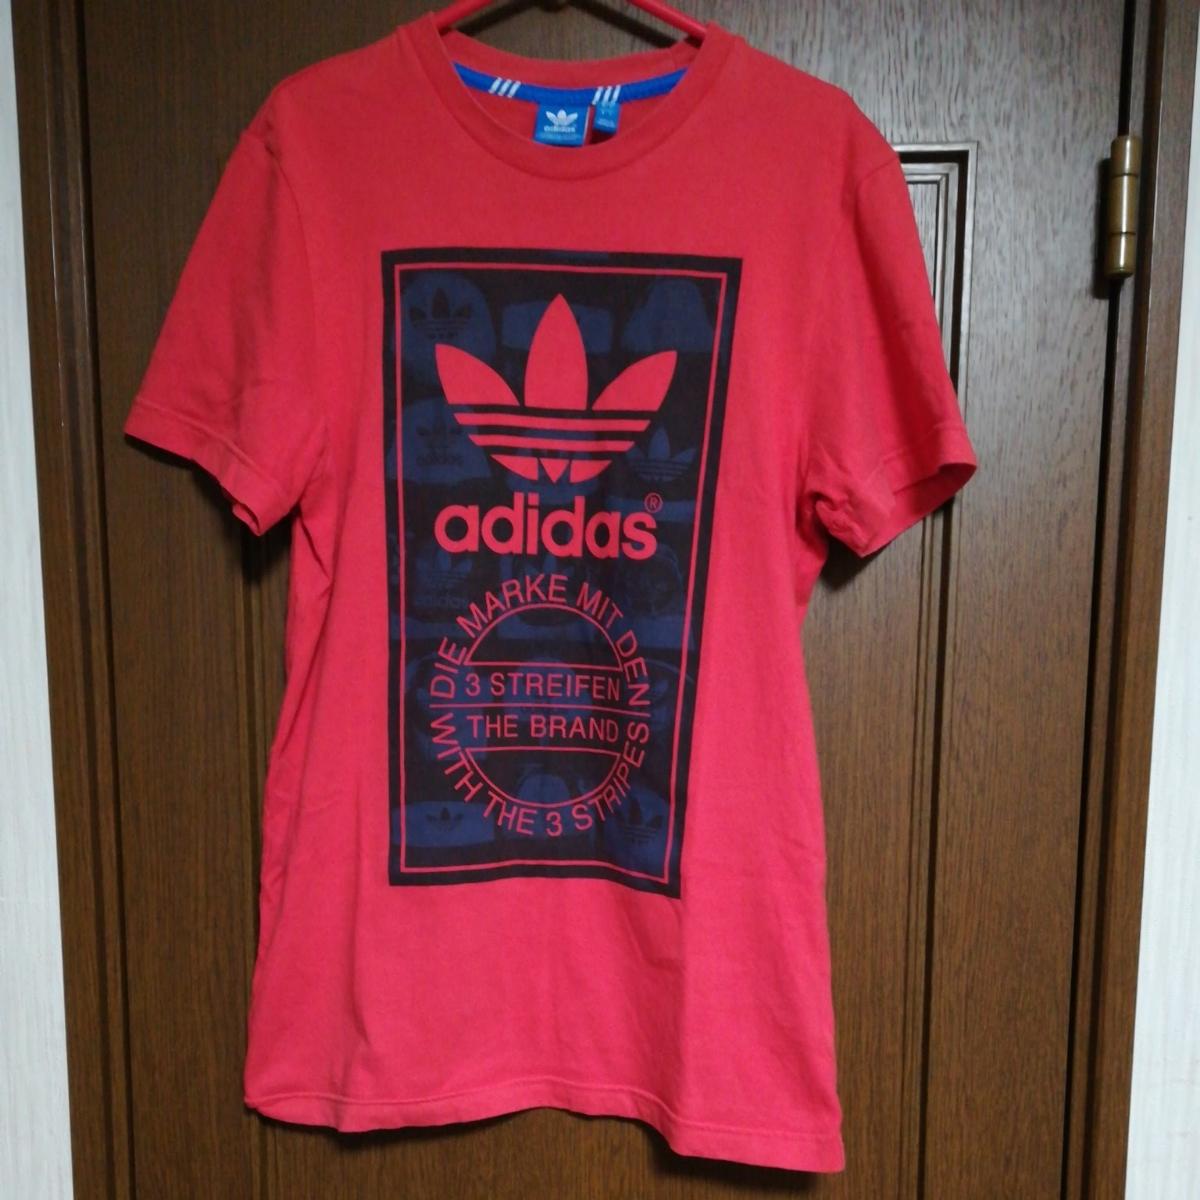 アディダス オリジナルス メンズ Tシャツ 半袖 Mサイズ 中古 レッド 赤 スポーツ ファッション ブランド ロゴ